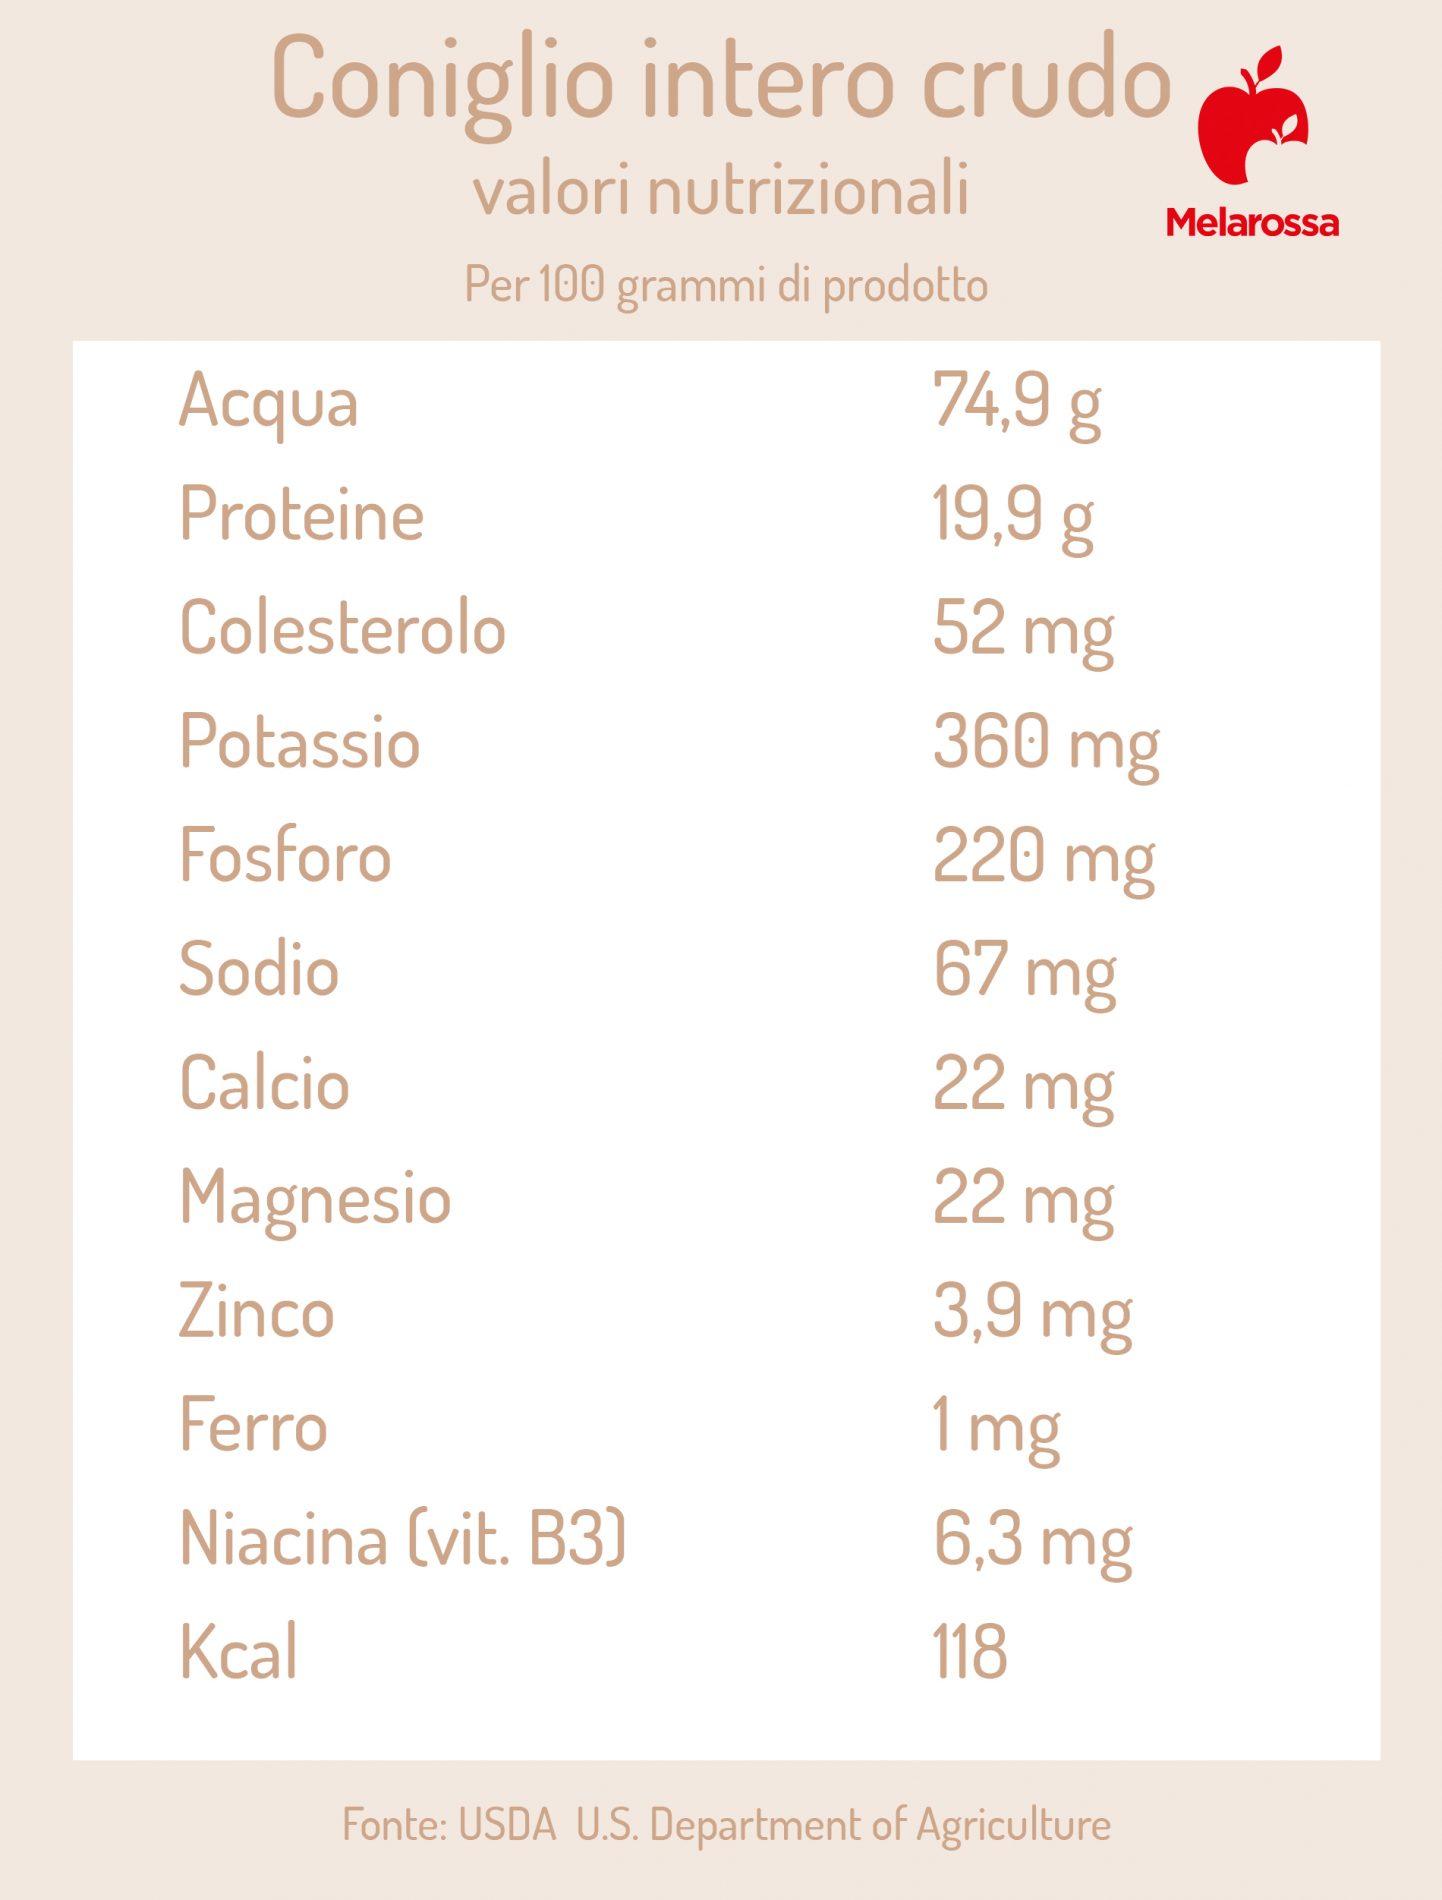 coniglio: valori nutrizionali